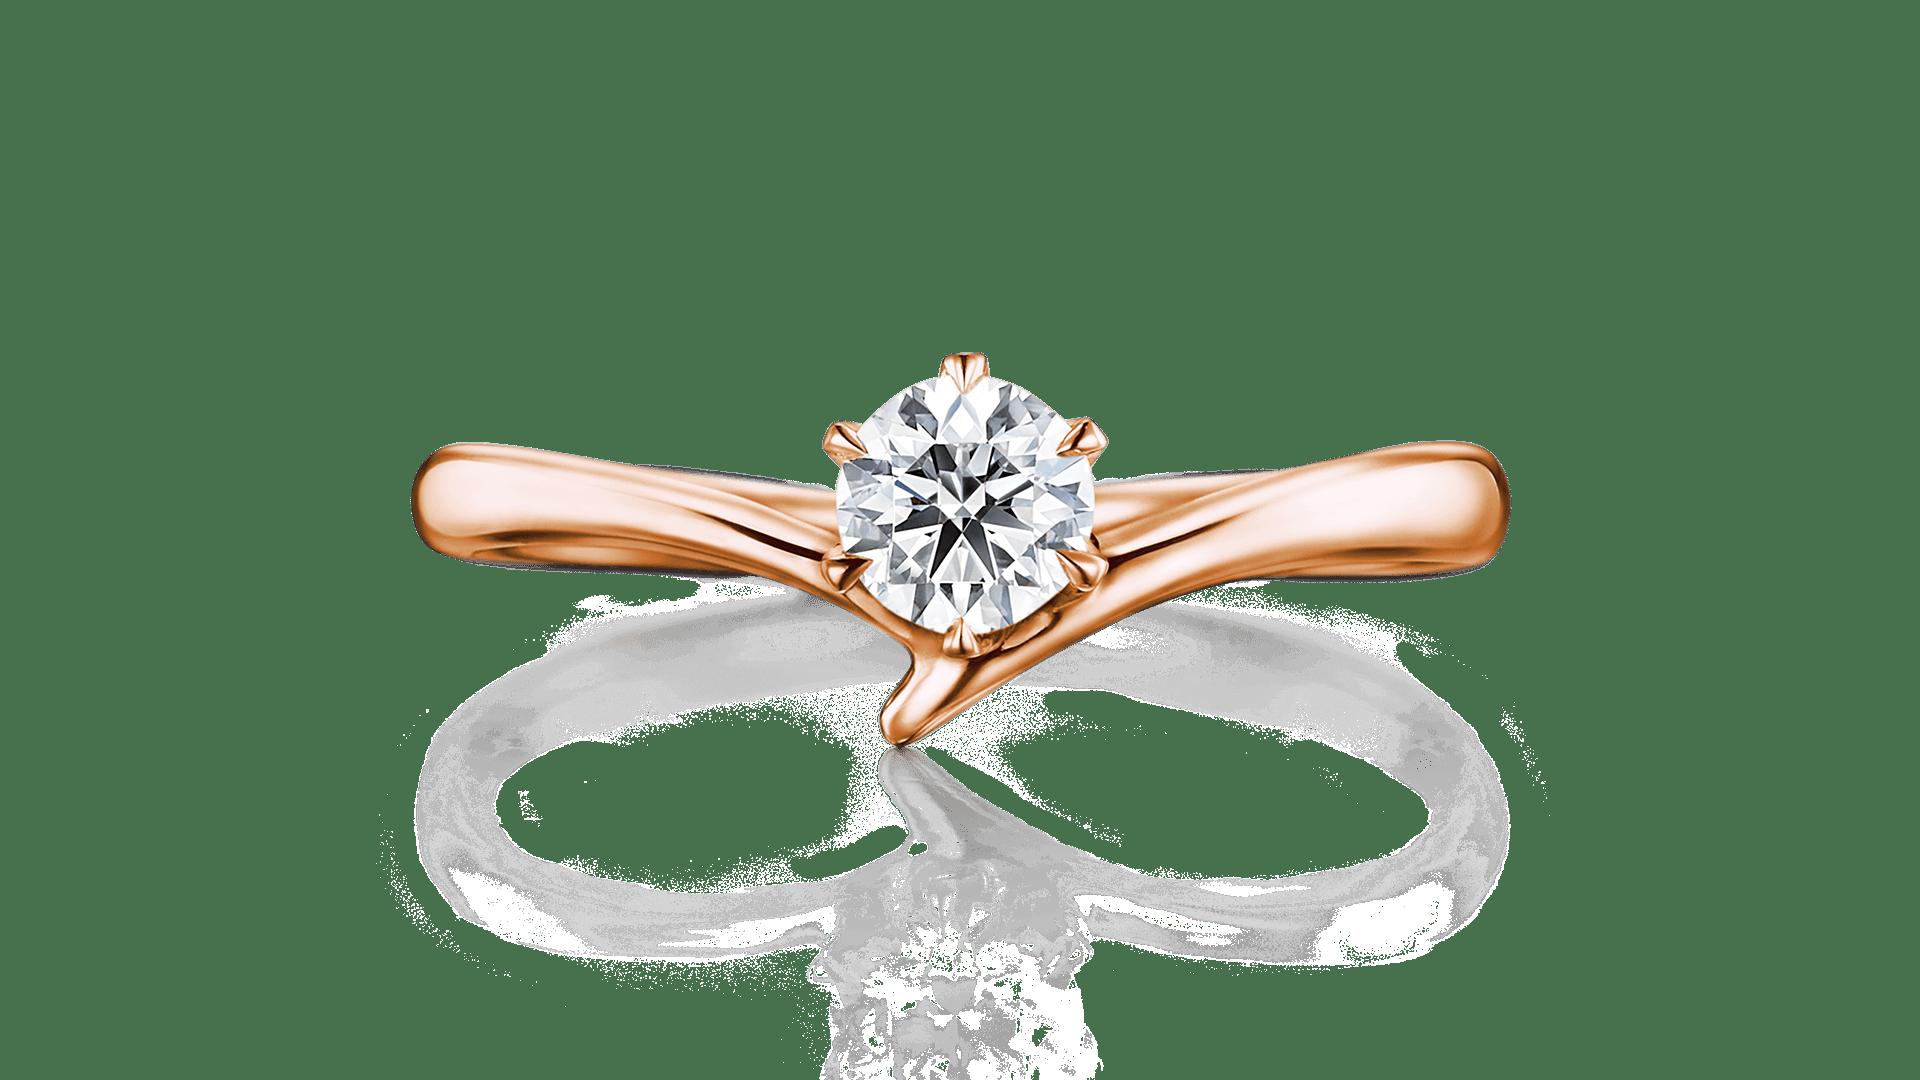 regulus レグルス | 婚約指輪サムネイル 1